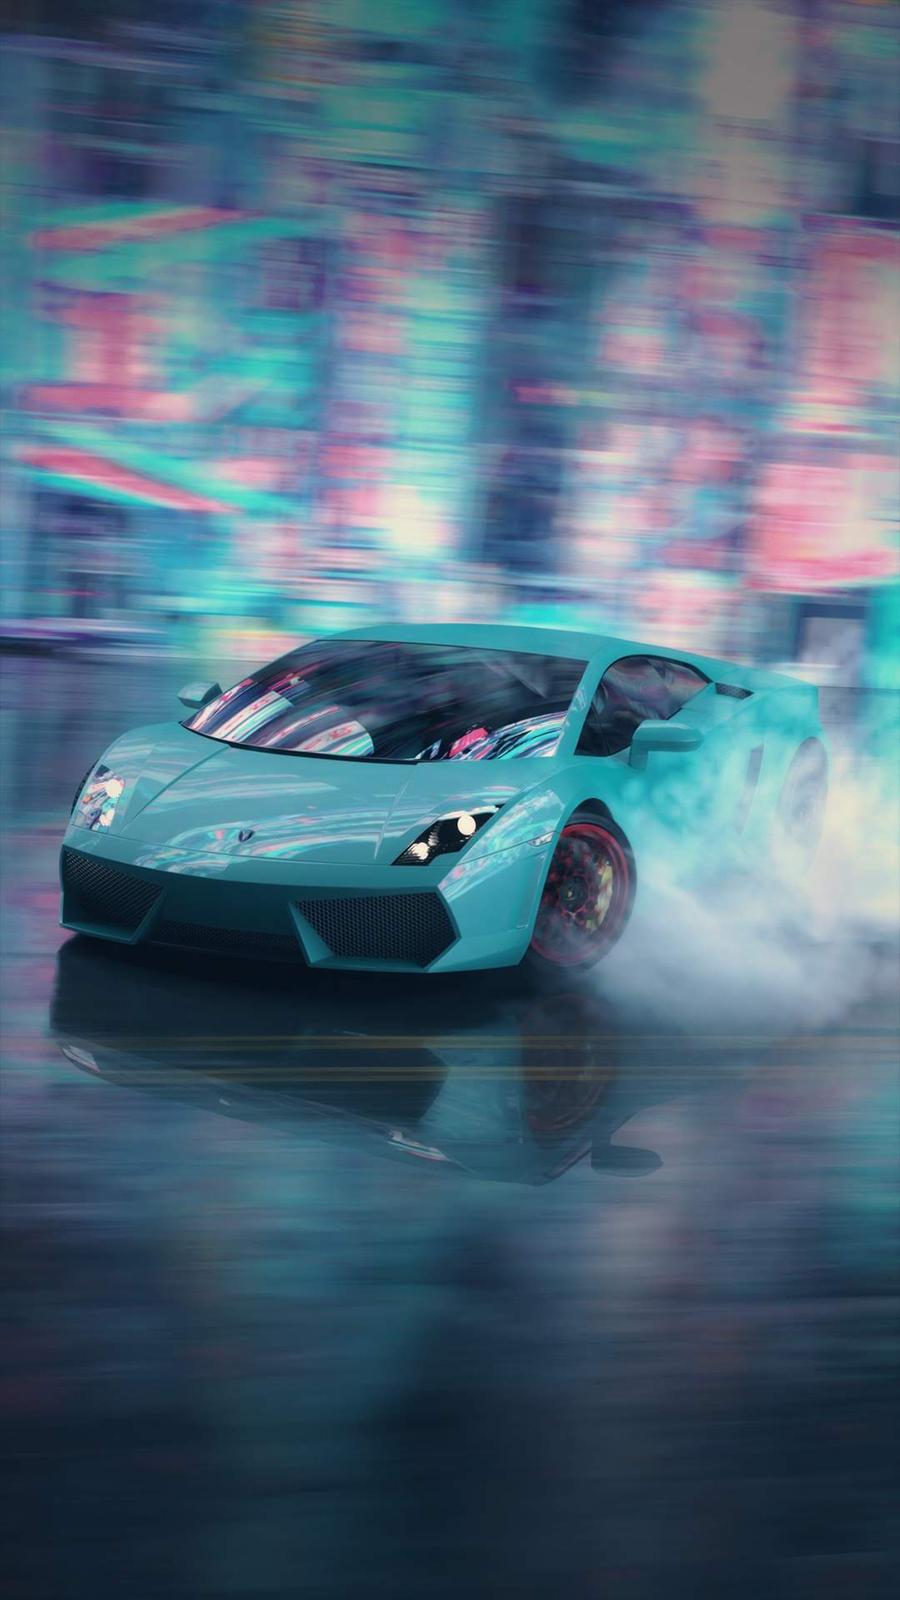 Cartoon, Lamborghini, Blur, Car, Wallpapers Free Download For Mobile